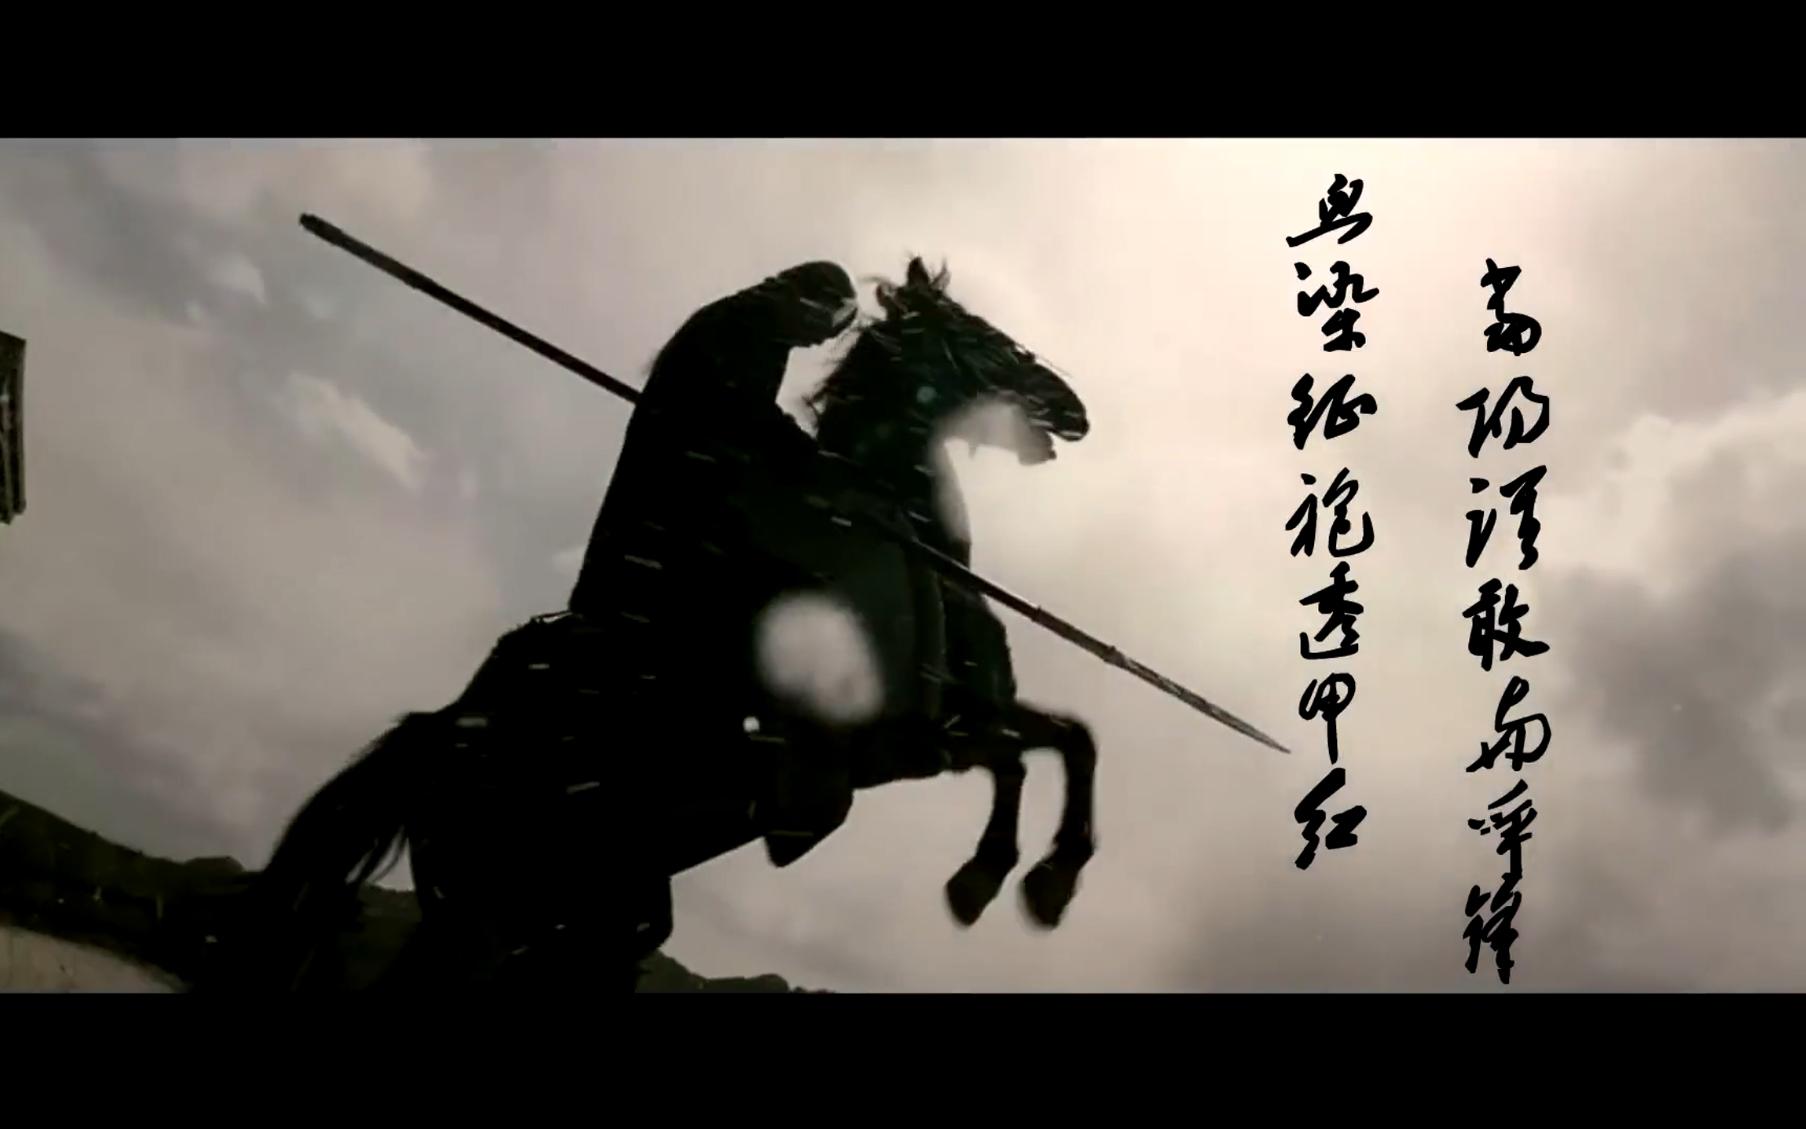 【赵子龙】明月天涯